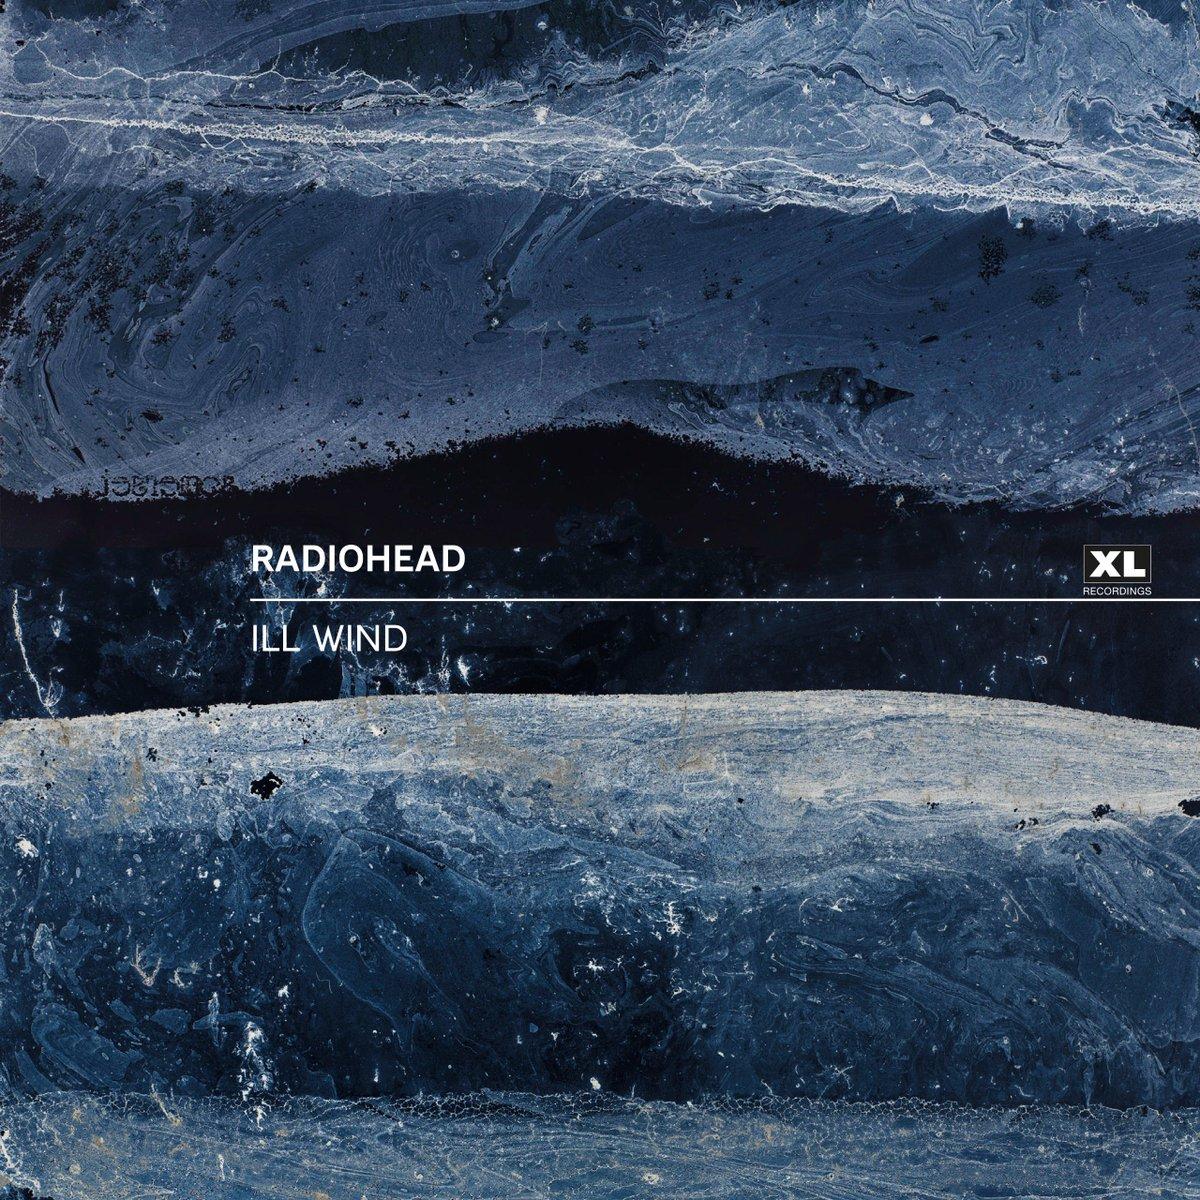 Radiohead's photo on Ill Wind